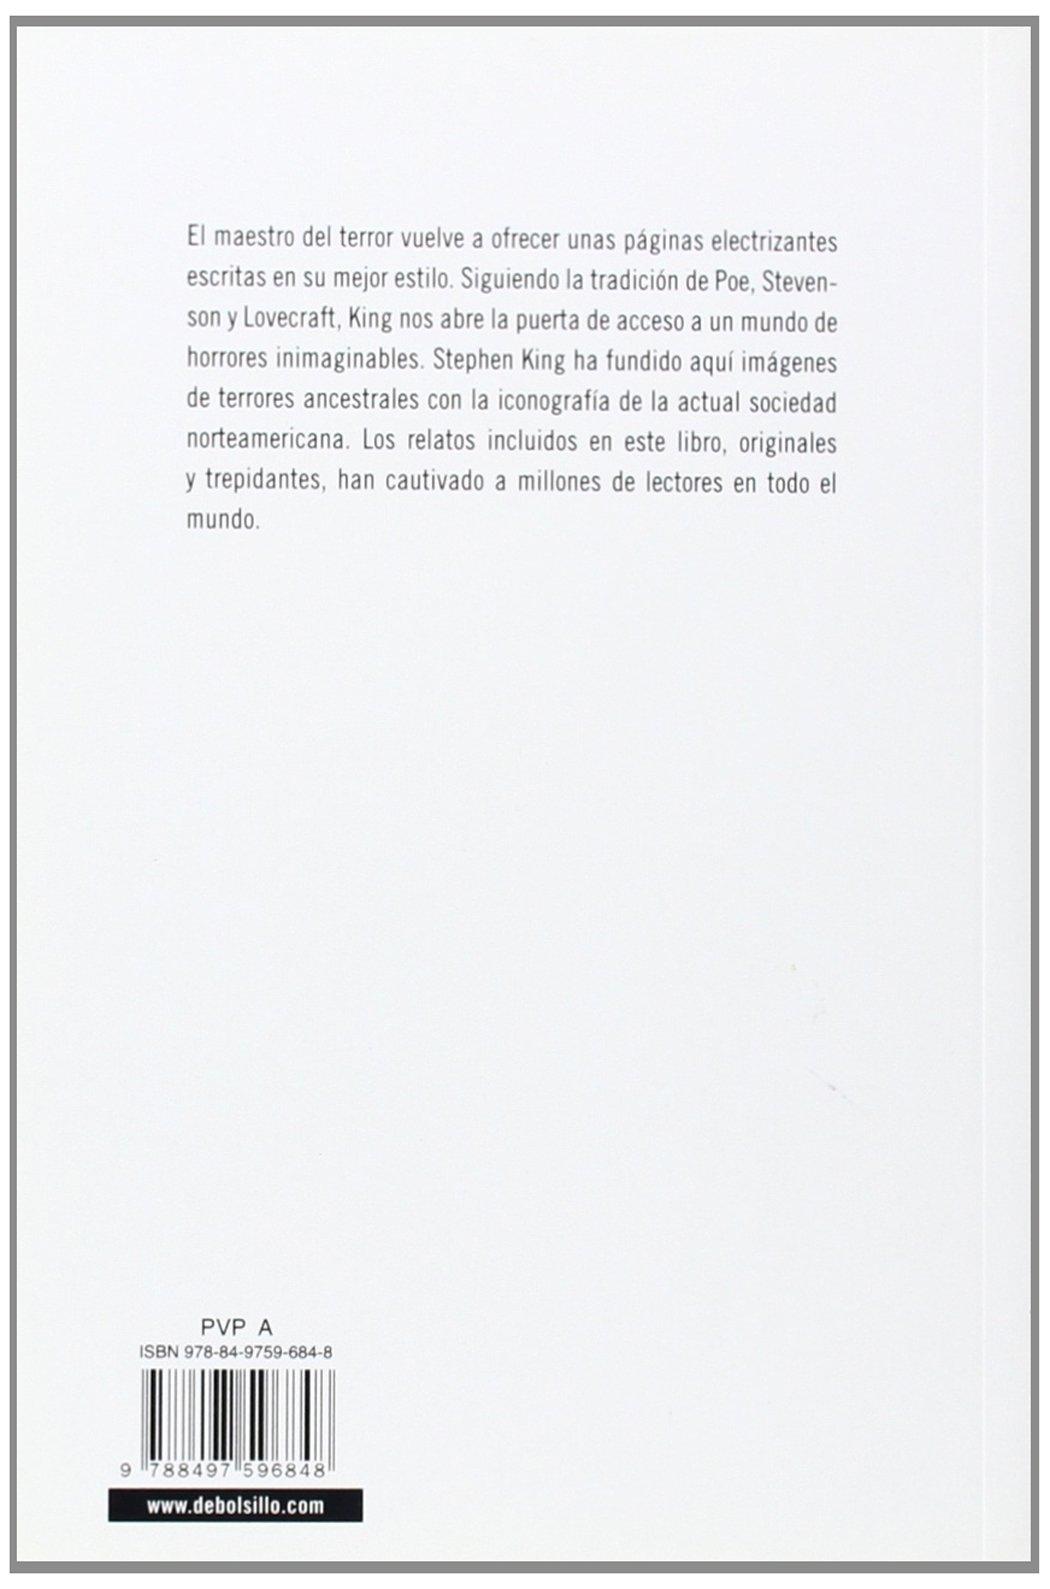 Historias fantásticas: Amazon.co.uk: Stephen King, Rosa S. De Naveira:  9788497596848: Books